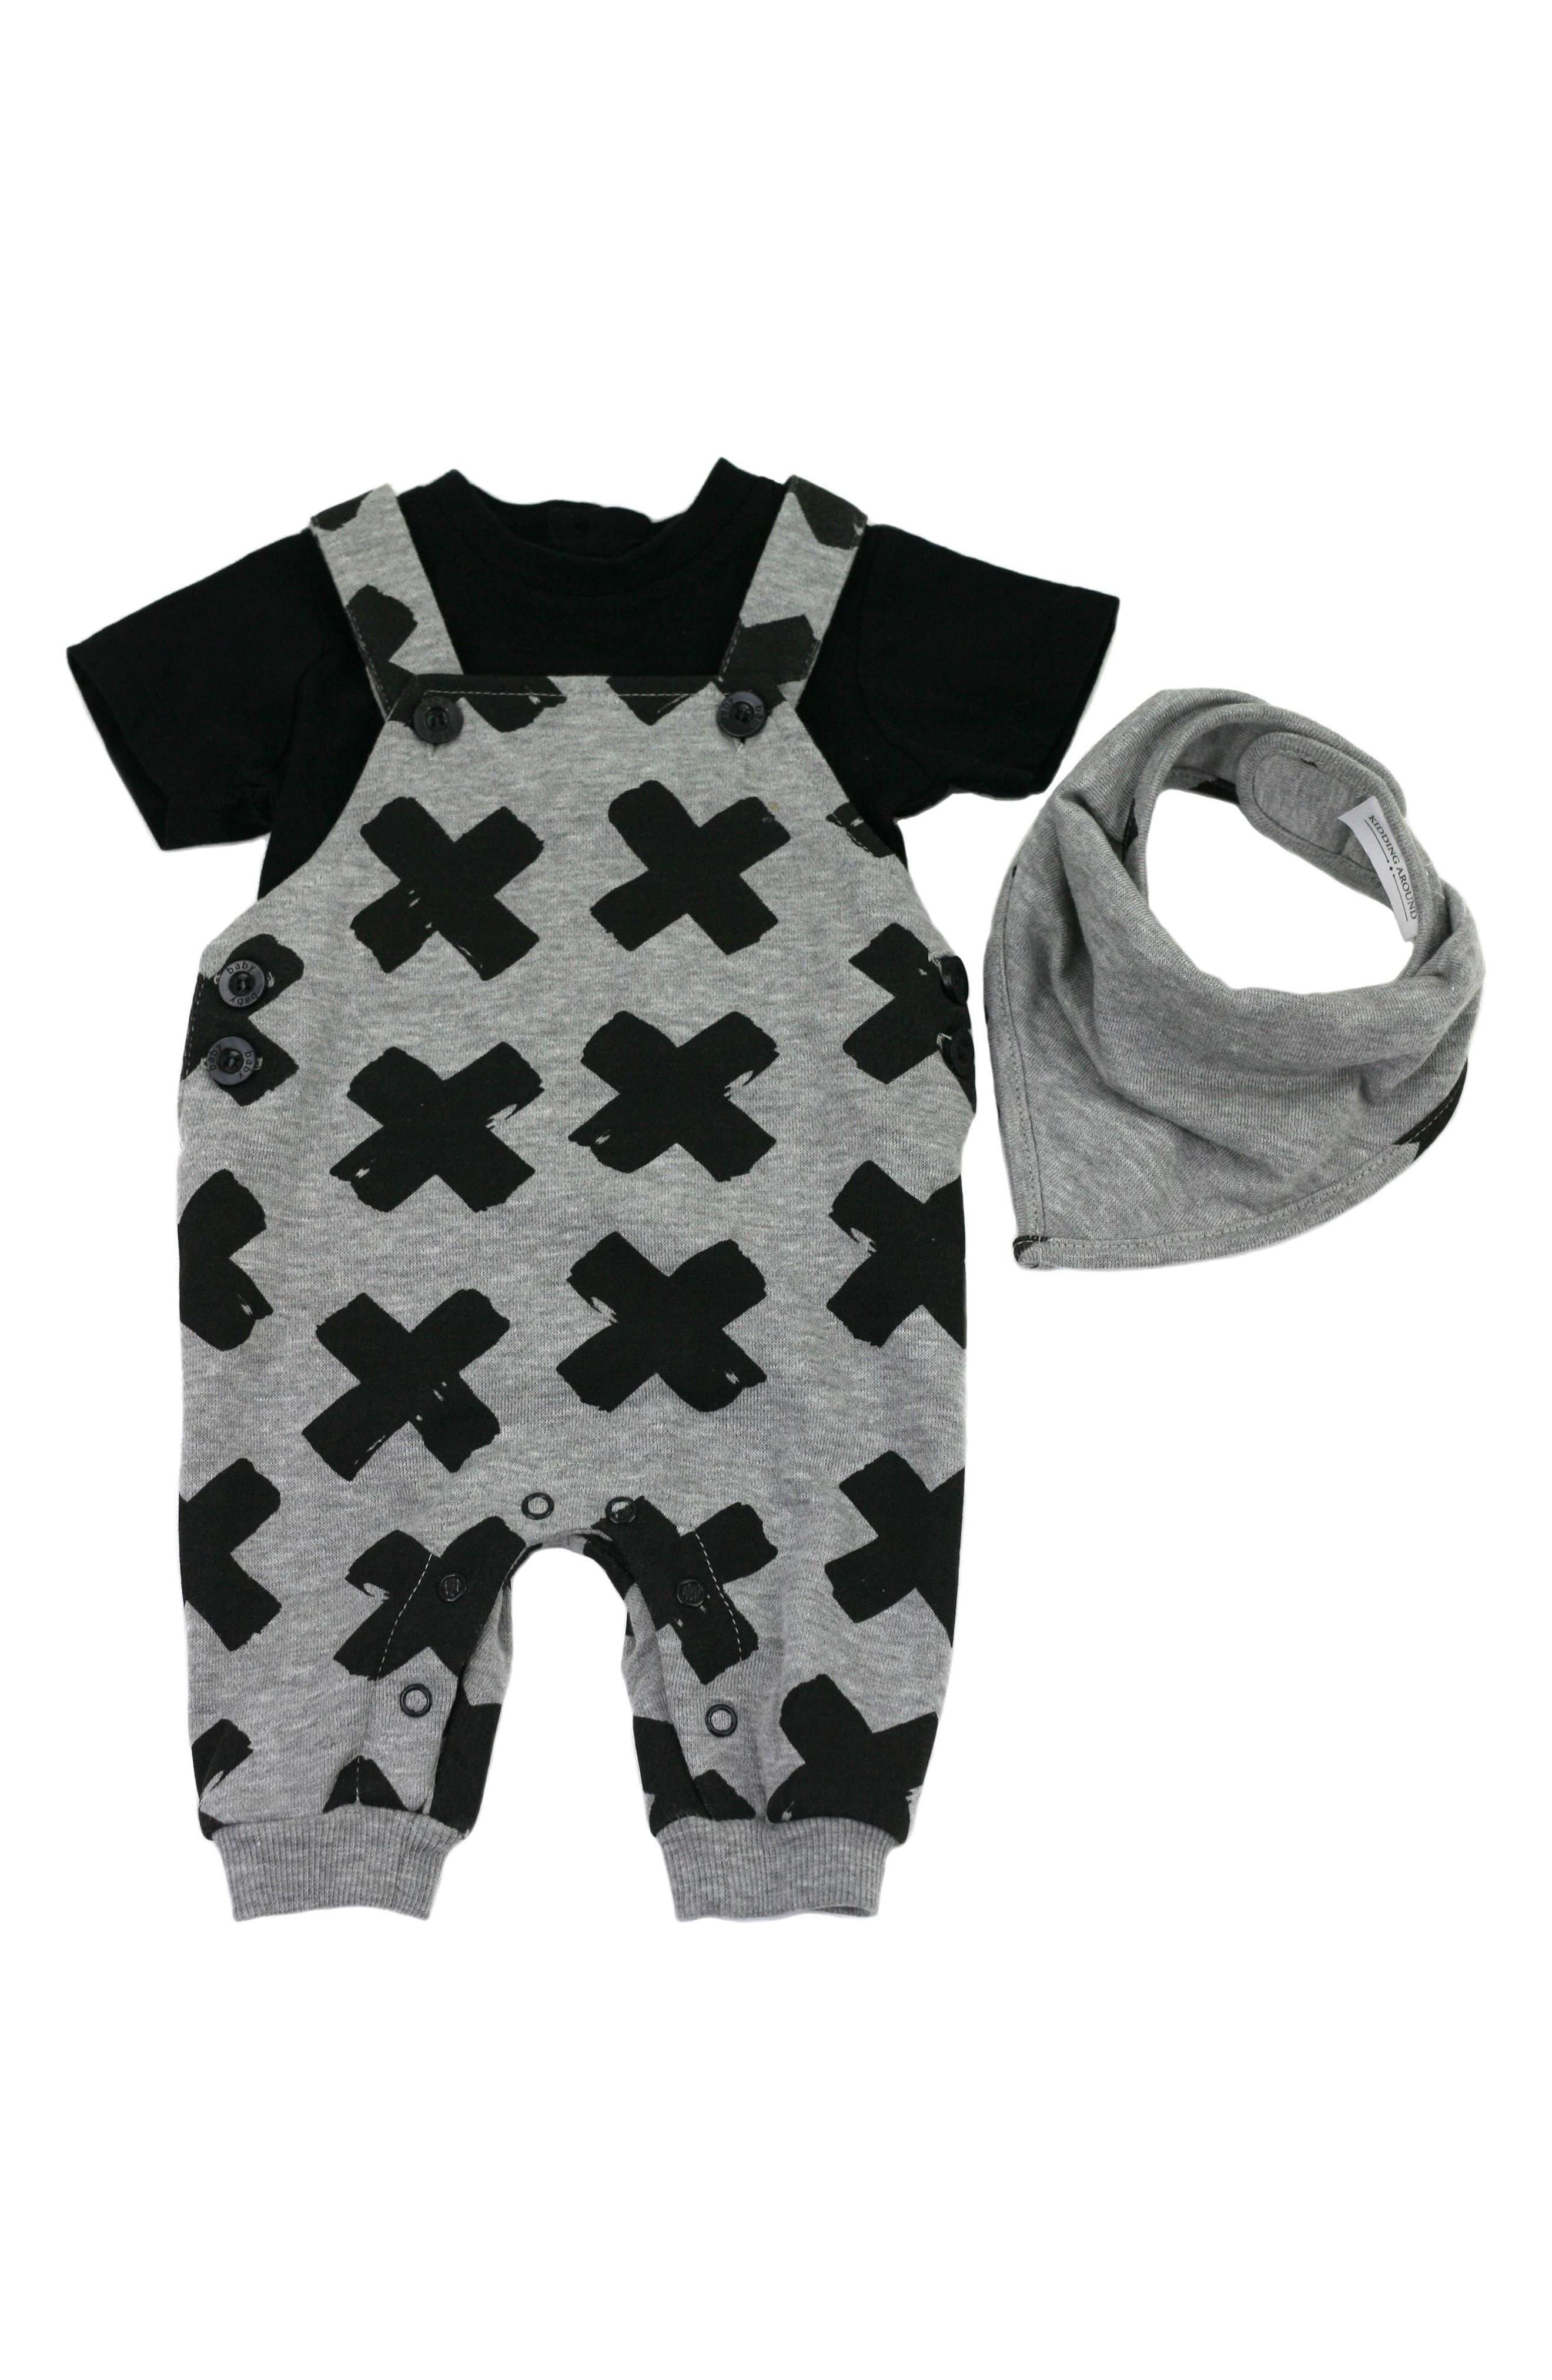 Main Image - Kidding Around T-Shirt & Overalls Set (Baby)